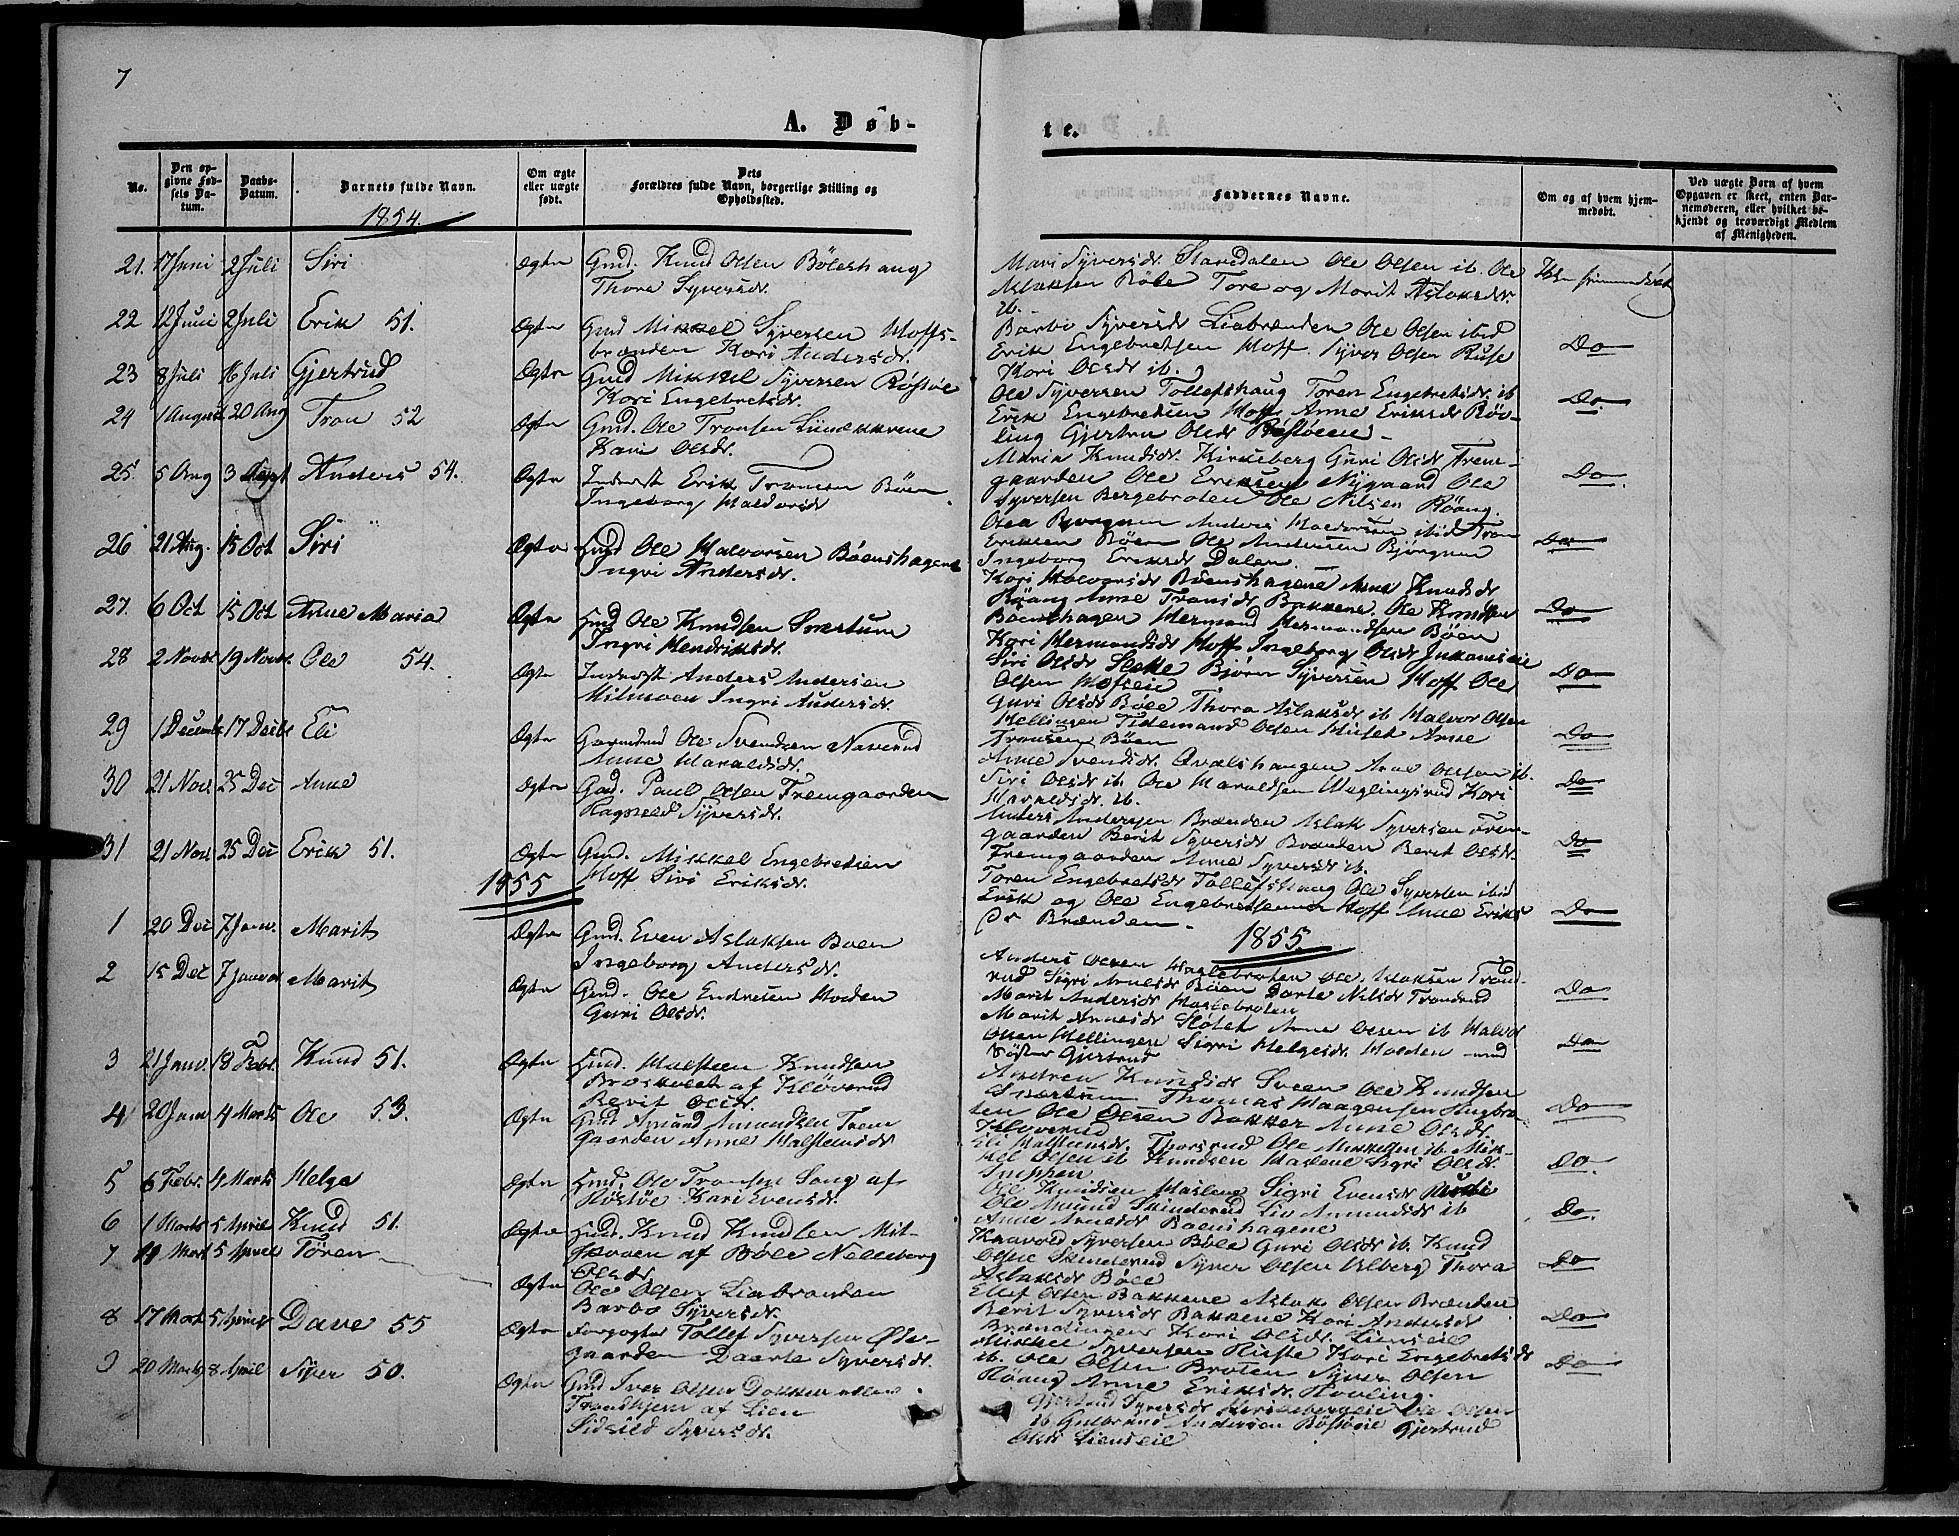 SAH, Sør-Aurdal prestekontor, Ministerialbok nr. 6, 1849-1876, s. 7